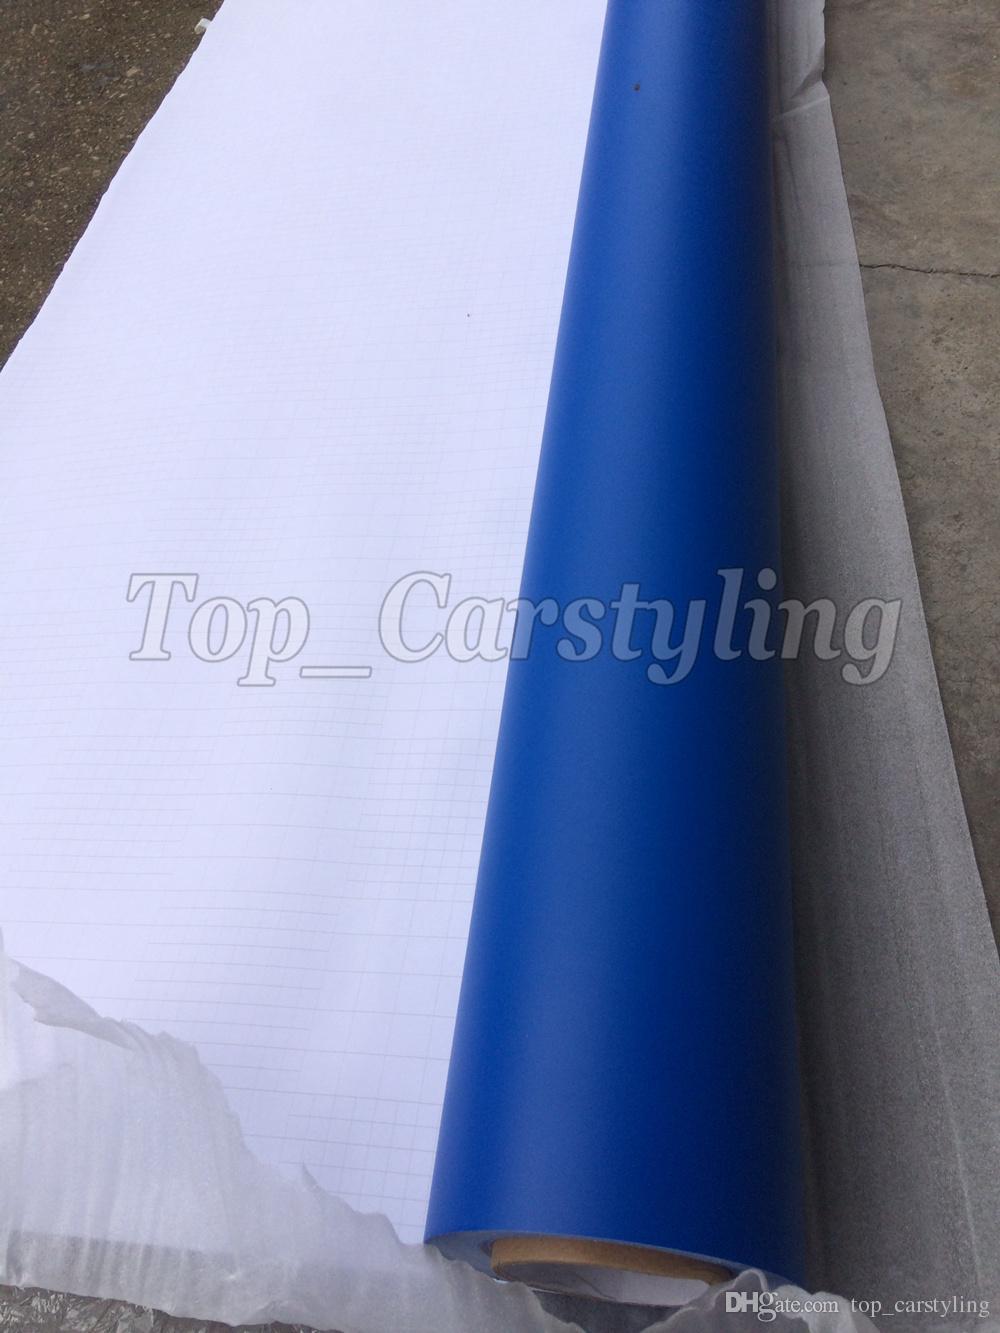 Película de envoltura de vinilo mate azul oscuro con burbujas de aire / Vinilo mate para envoltura de vehículos Cubiertas de cuerpo 1.52x30m / rollo 5 pies x 98 pies